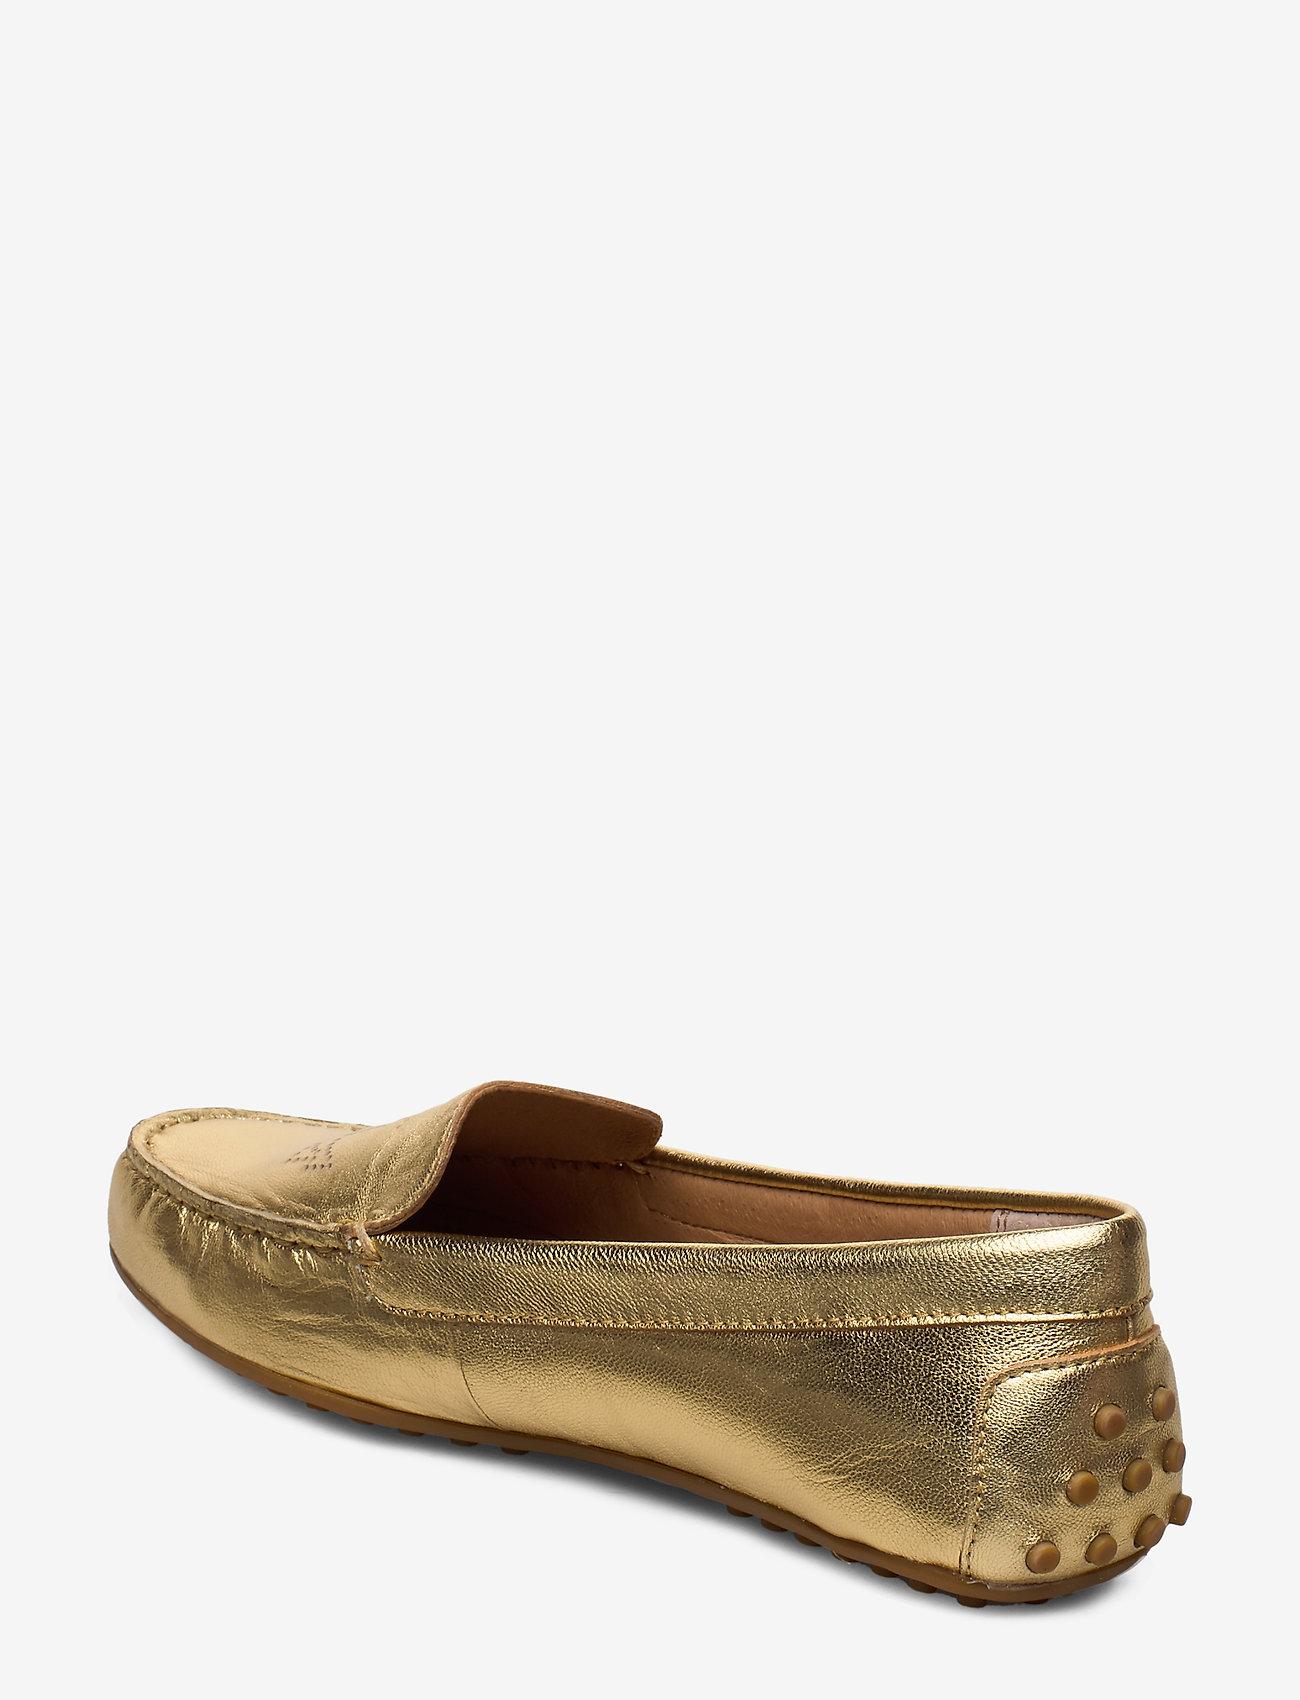 Bartlett Leather Flat (Gold Rush) - Lauren Ralph Lauren